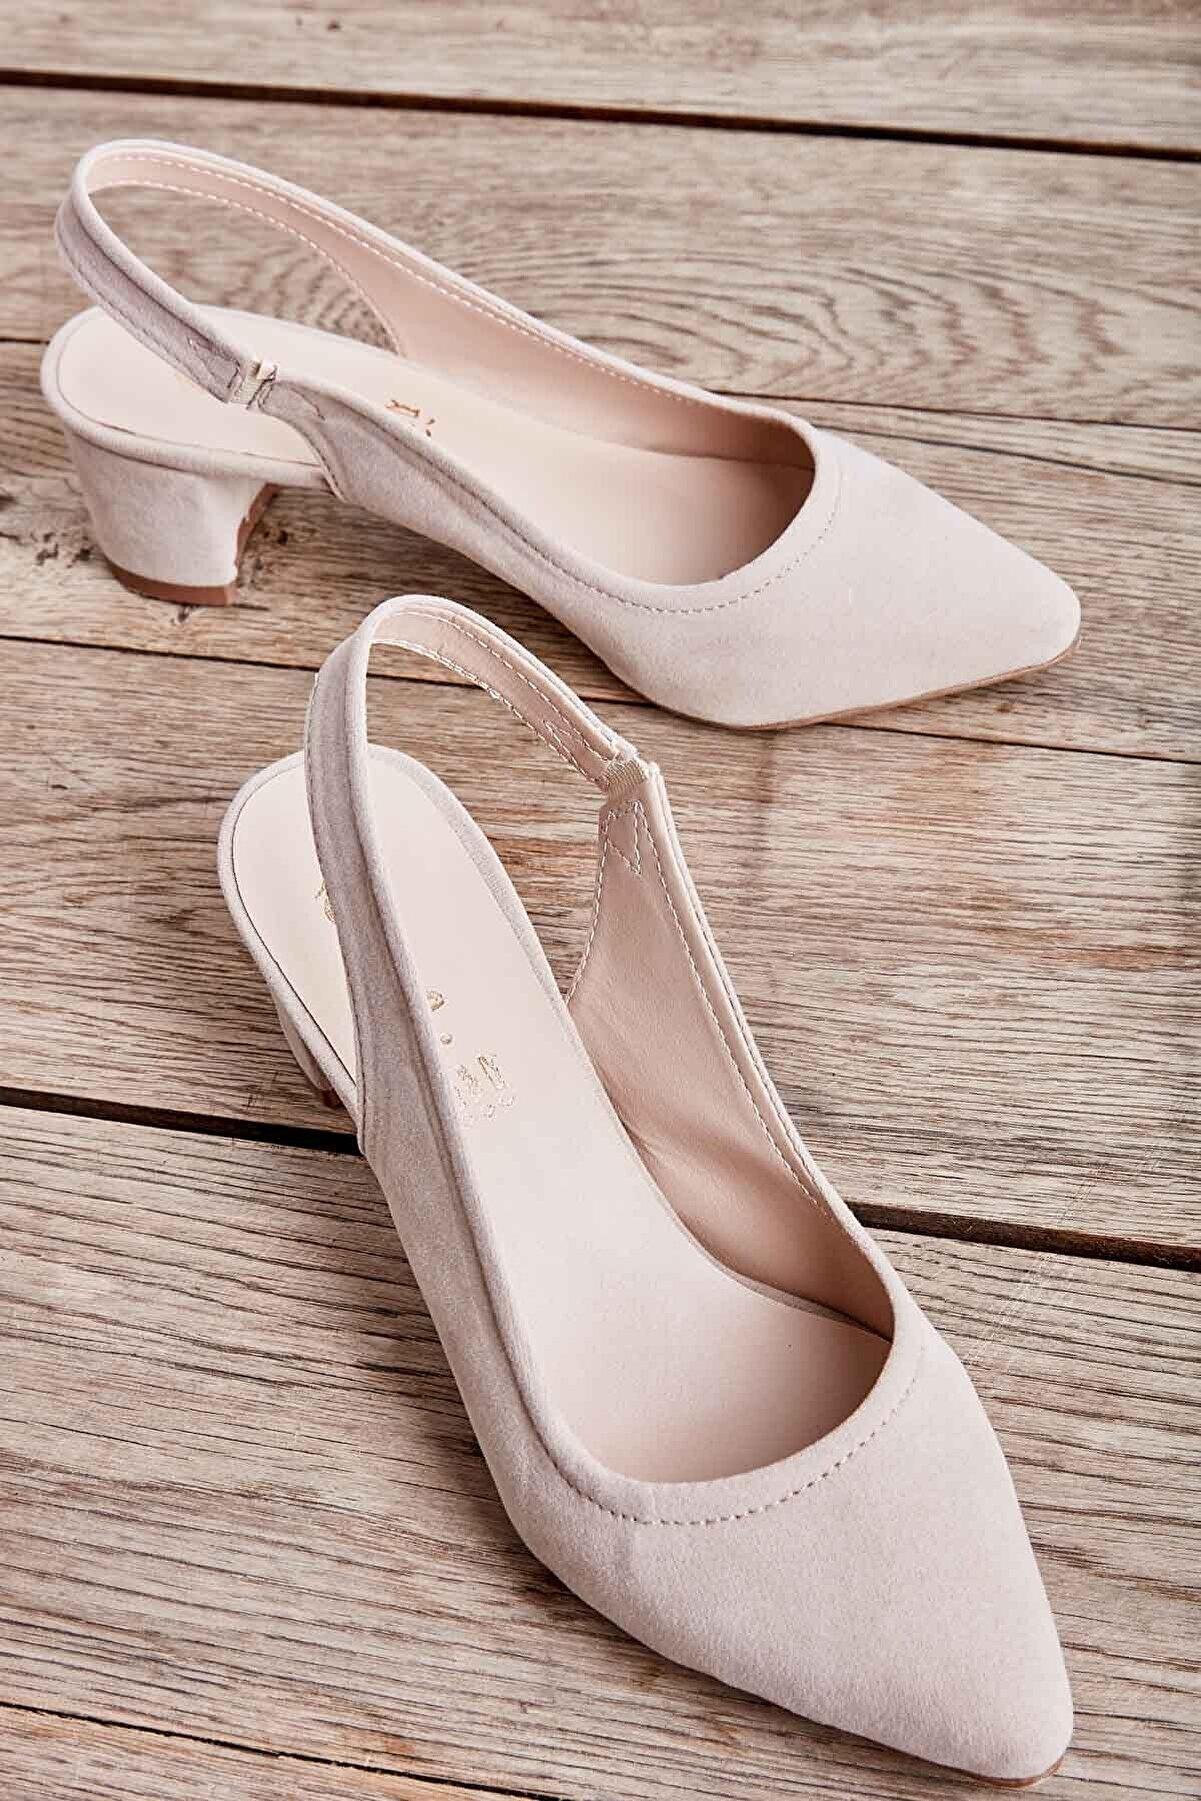 Bambi Bej Süet Kadın Klasik Topuklu Ayakkabı K01503721072